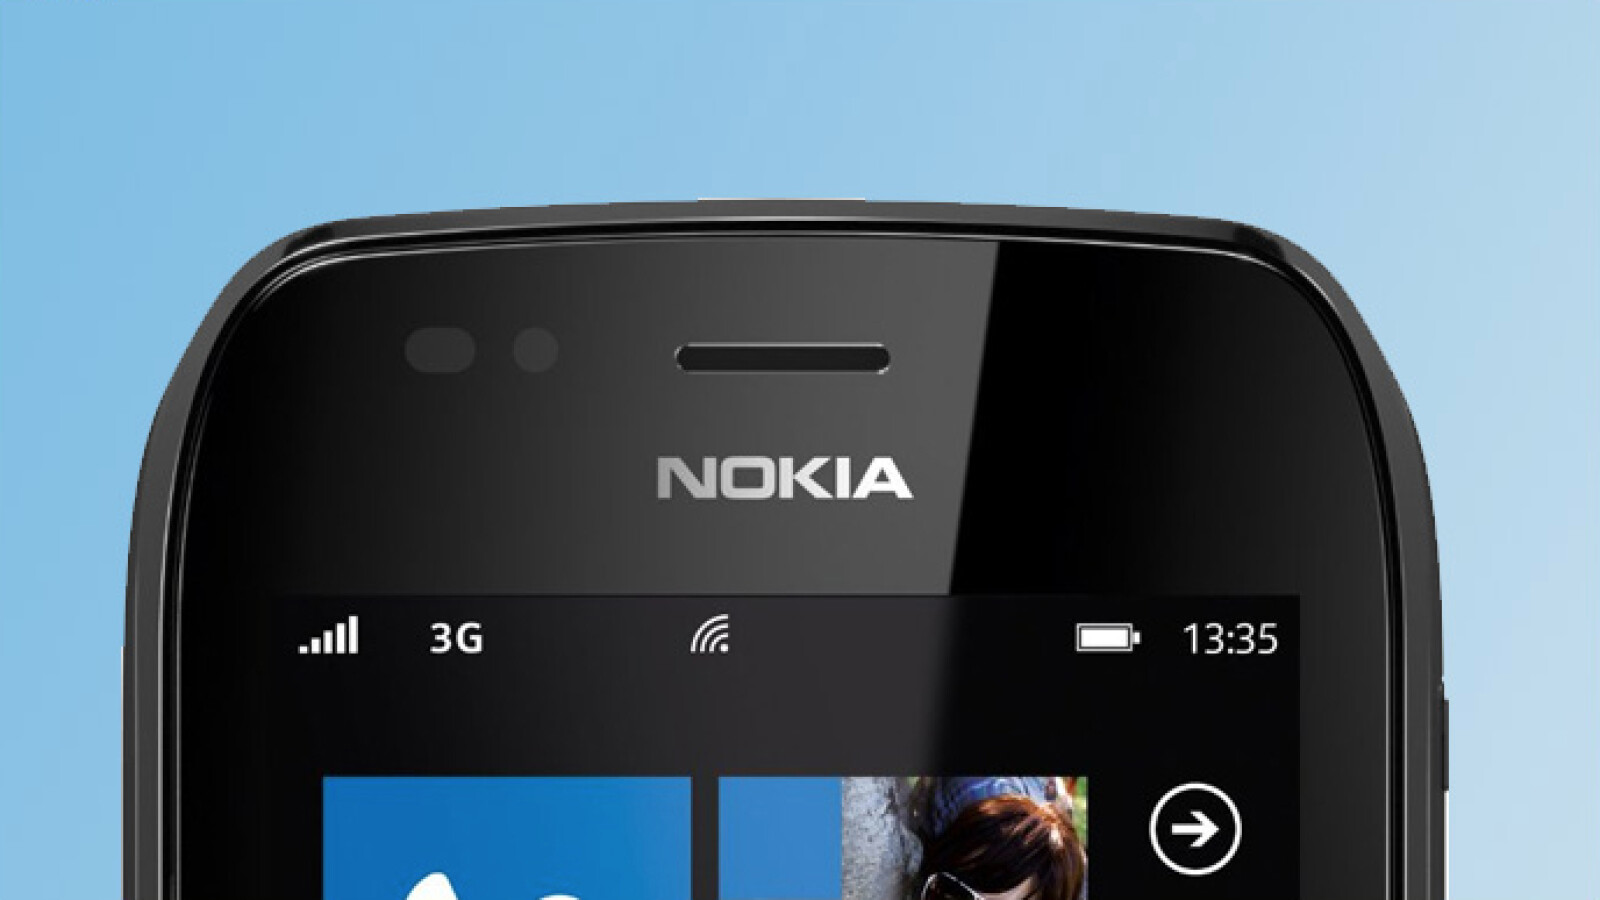 einsteiger smartphone nokia lumia 710 im test netzwelt. Black Bedroom Furniture Sets. Home Design Ideas